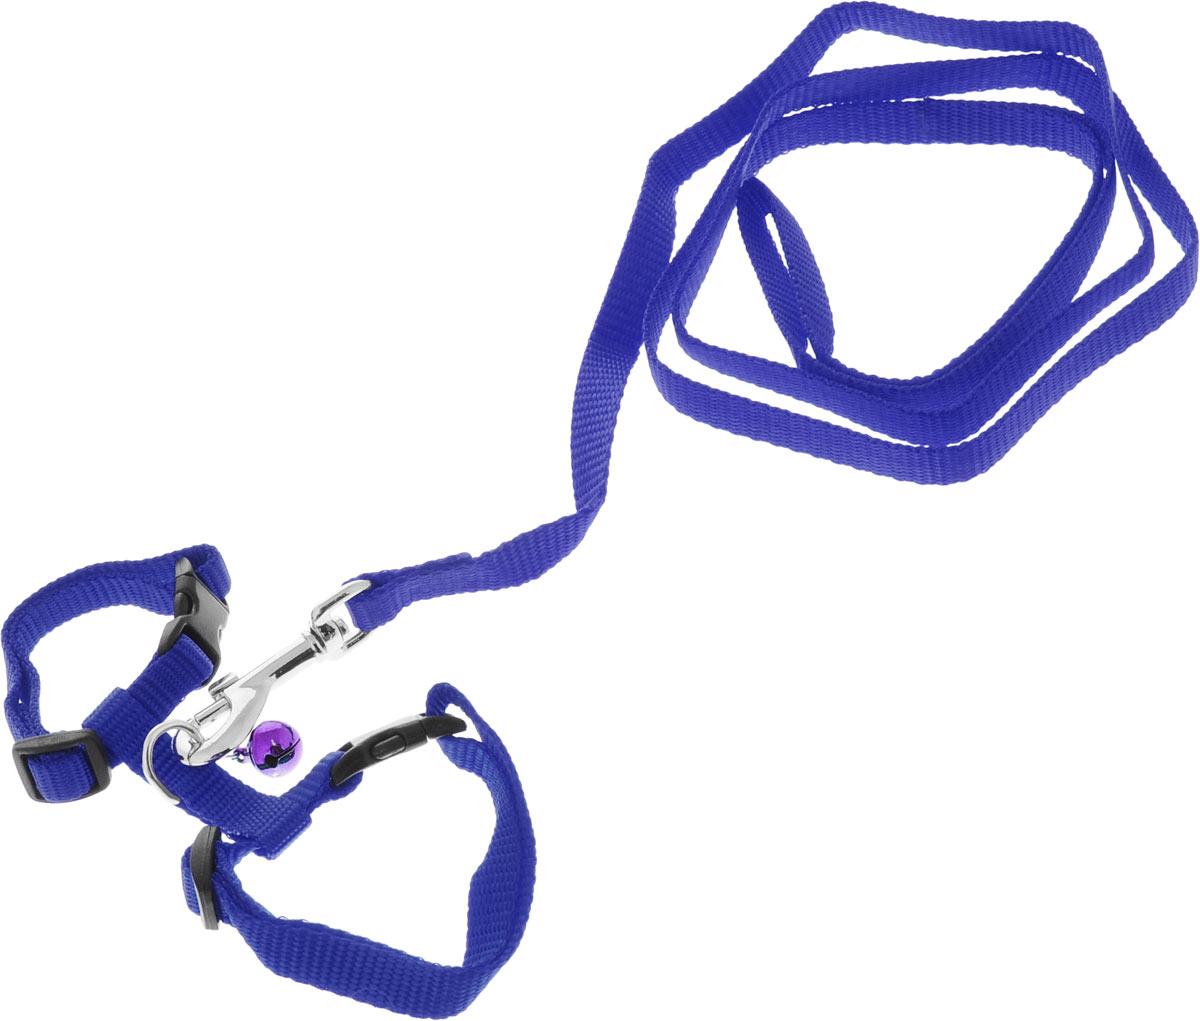 Шлейка для грызунов Каскад, с поводком, цвет: синий, ширина 10 мм, обхват груди 20-30 смШ-3-КШлейка изготовлена из прочного нейлона и дополнена бубенчиком, подходит для домашних грызунов. Крепкие металлические элементы делают еенадежной и долговечной. Шлейка - это альтернатива ошейнику. Правильно подобранная шлейка не стесняет движения питомца, не натирает кожу, поэтому животное чувствует себя в ней уверенно и комфортно. Размер регулируется при помощи пряжки.В комплекте поводок с металлическим карабином.Обхват груди: 20-30 см. Ширина шлейки: 1 см.Длина поводка: 108 см.